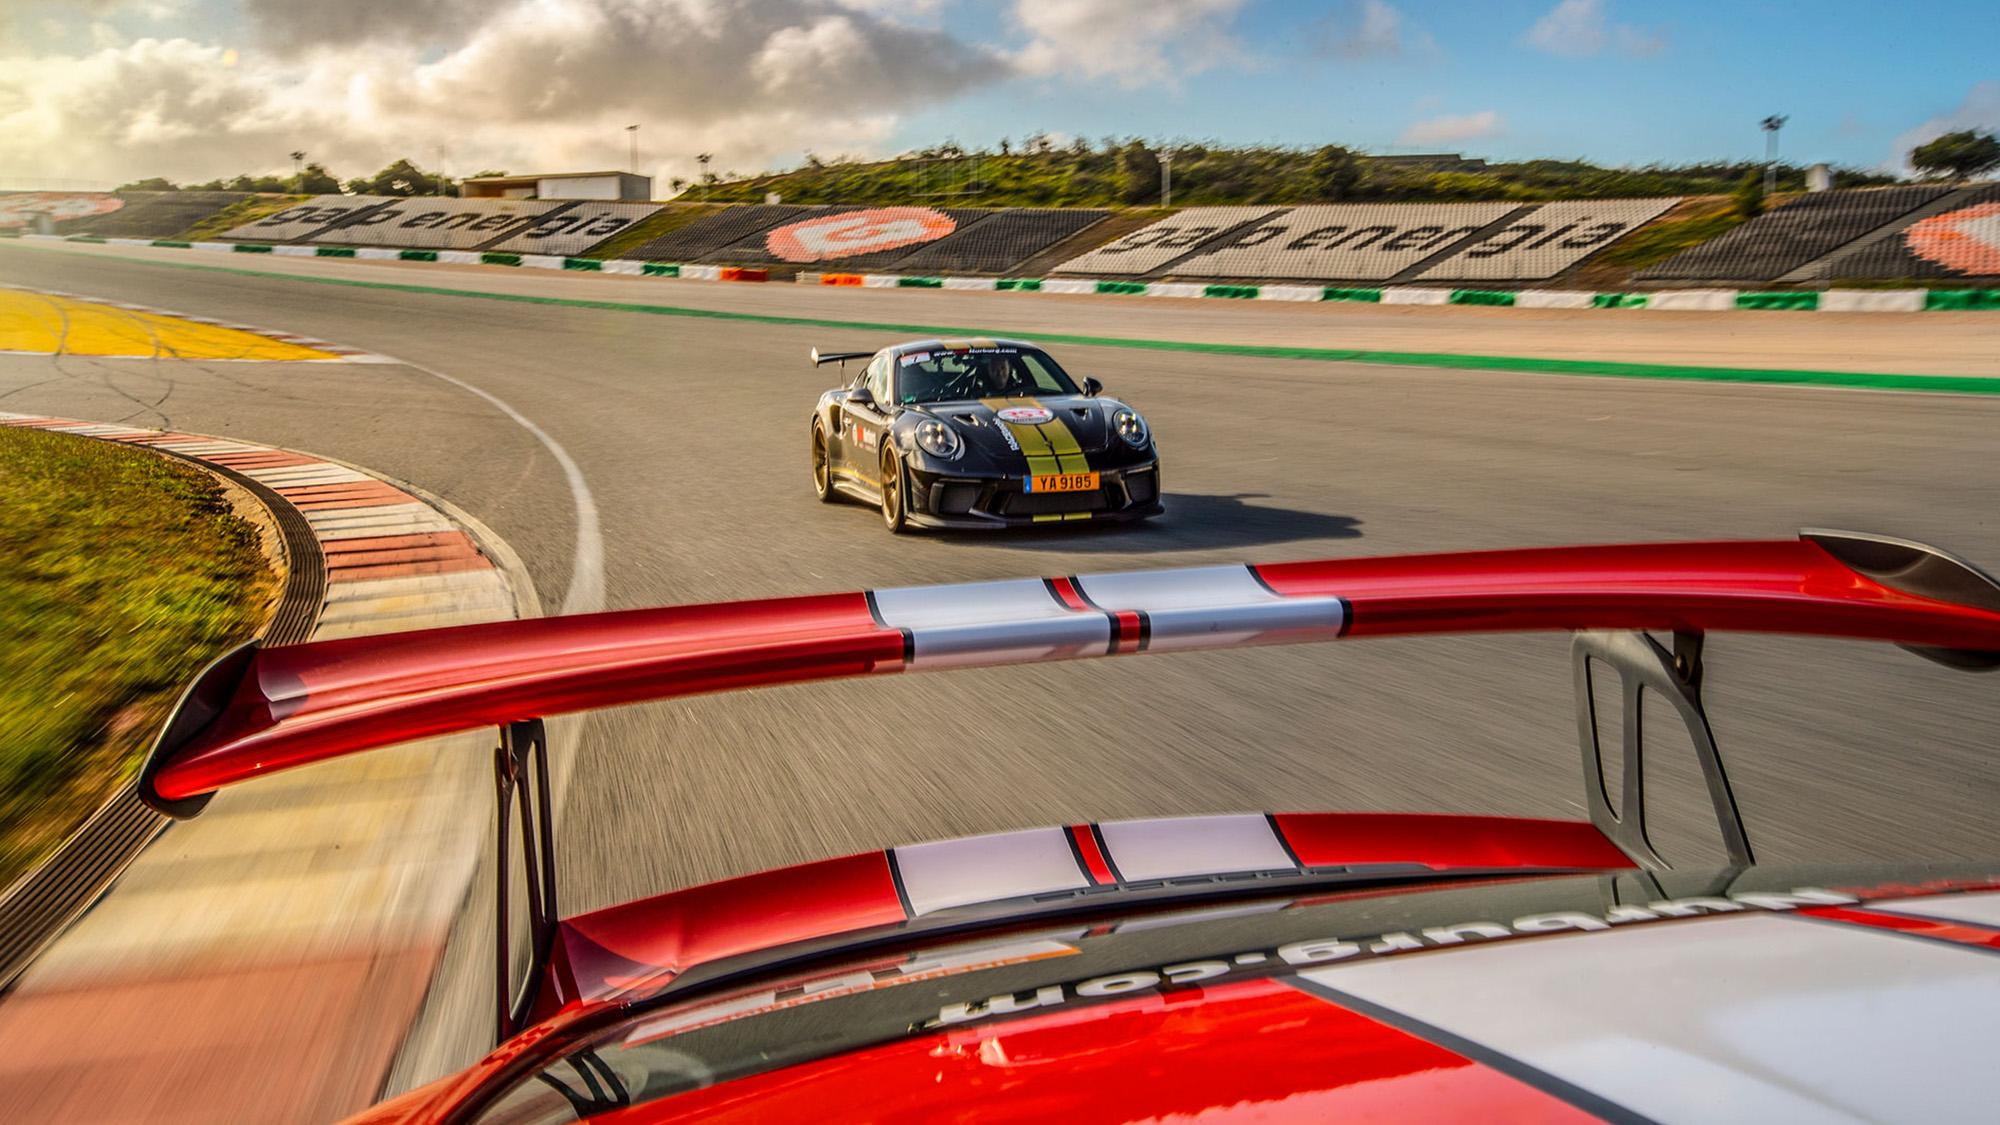 View of Porsche 911